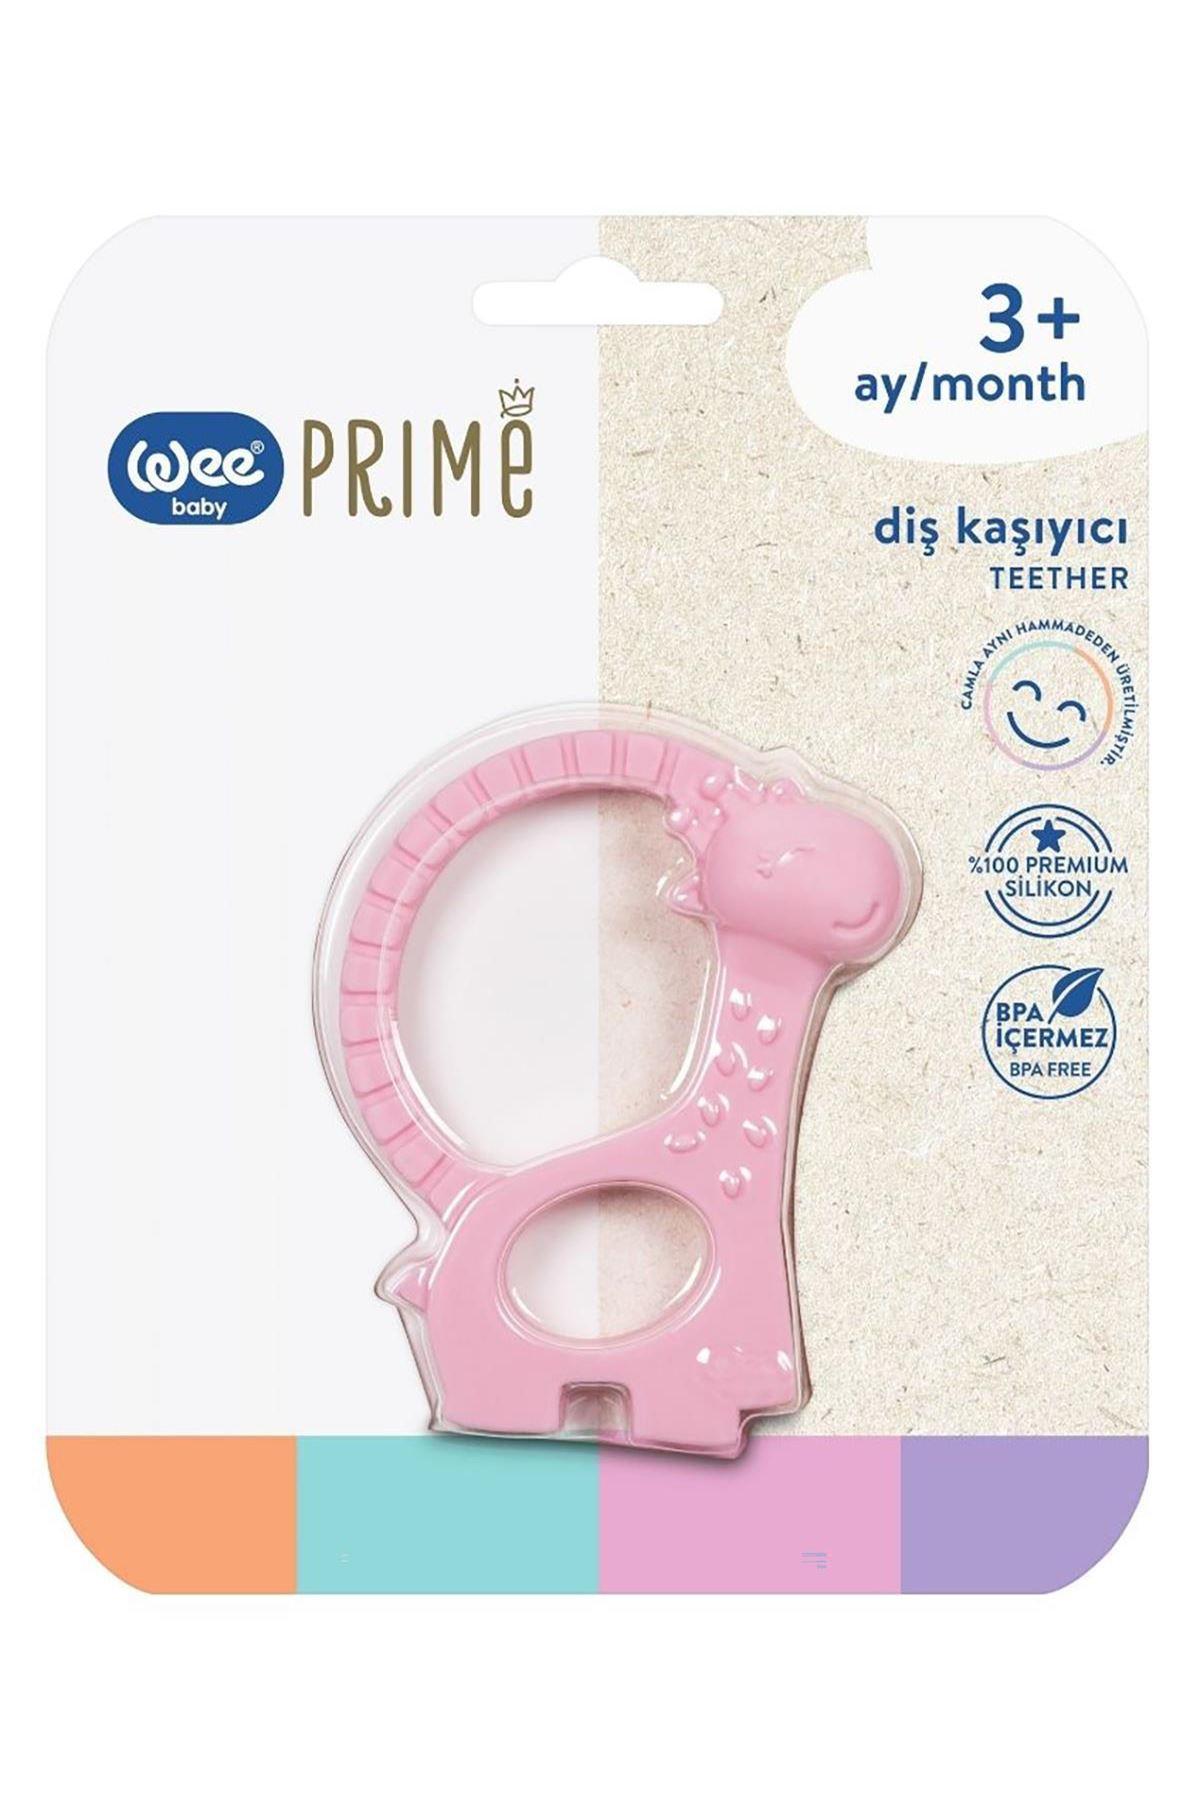 Wee Baby Prime Silikon Diş Kaşıyıcı 928